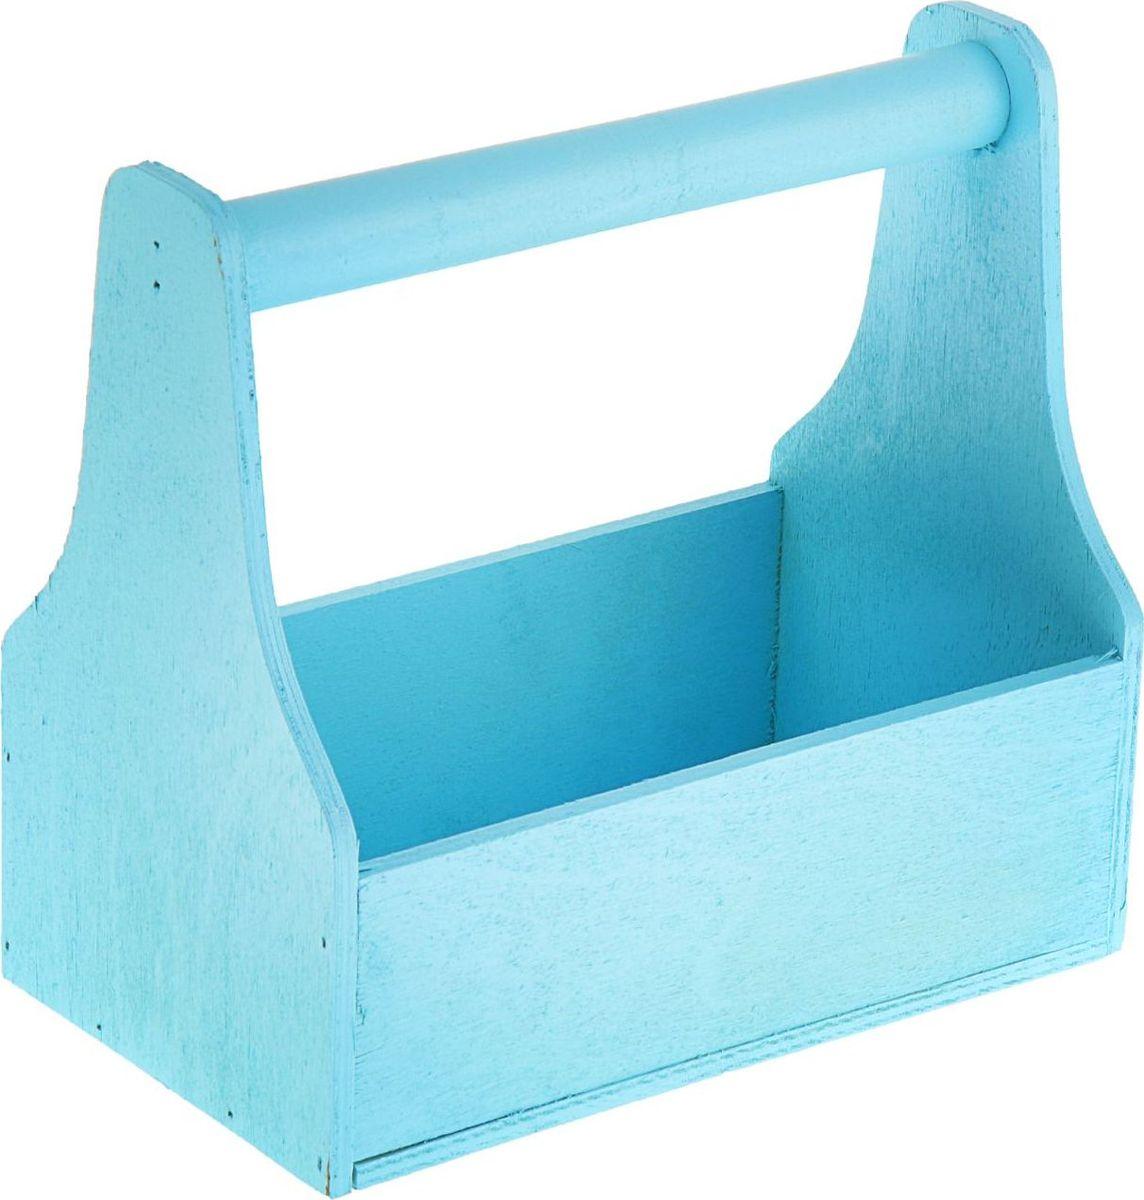 Кашпо ТД ДМ Ящик для инструментов, цвет: голубой, 20 х 20 х 12,5 см1874333#name# — сувенир в полном смысле этого слова. И главная его задача — хранить воспоминание о месте, где вы побывали, или о том человеке, который подарил данный предмет. Преподнесите эту вещь своему другу, и она станет достойным украшением его дома.